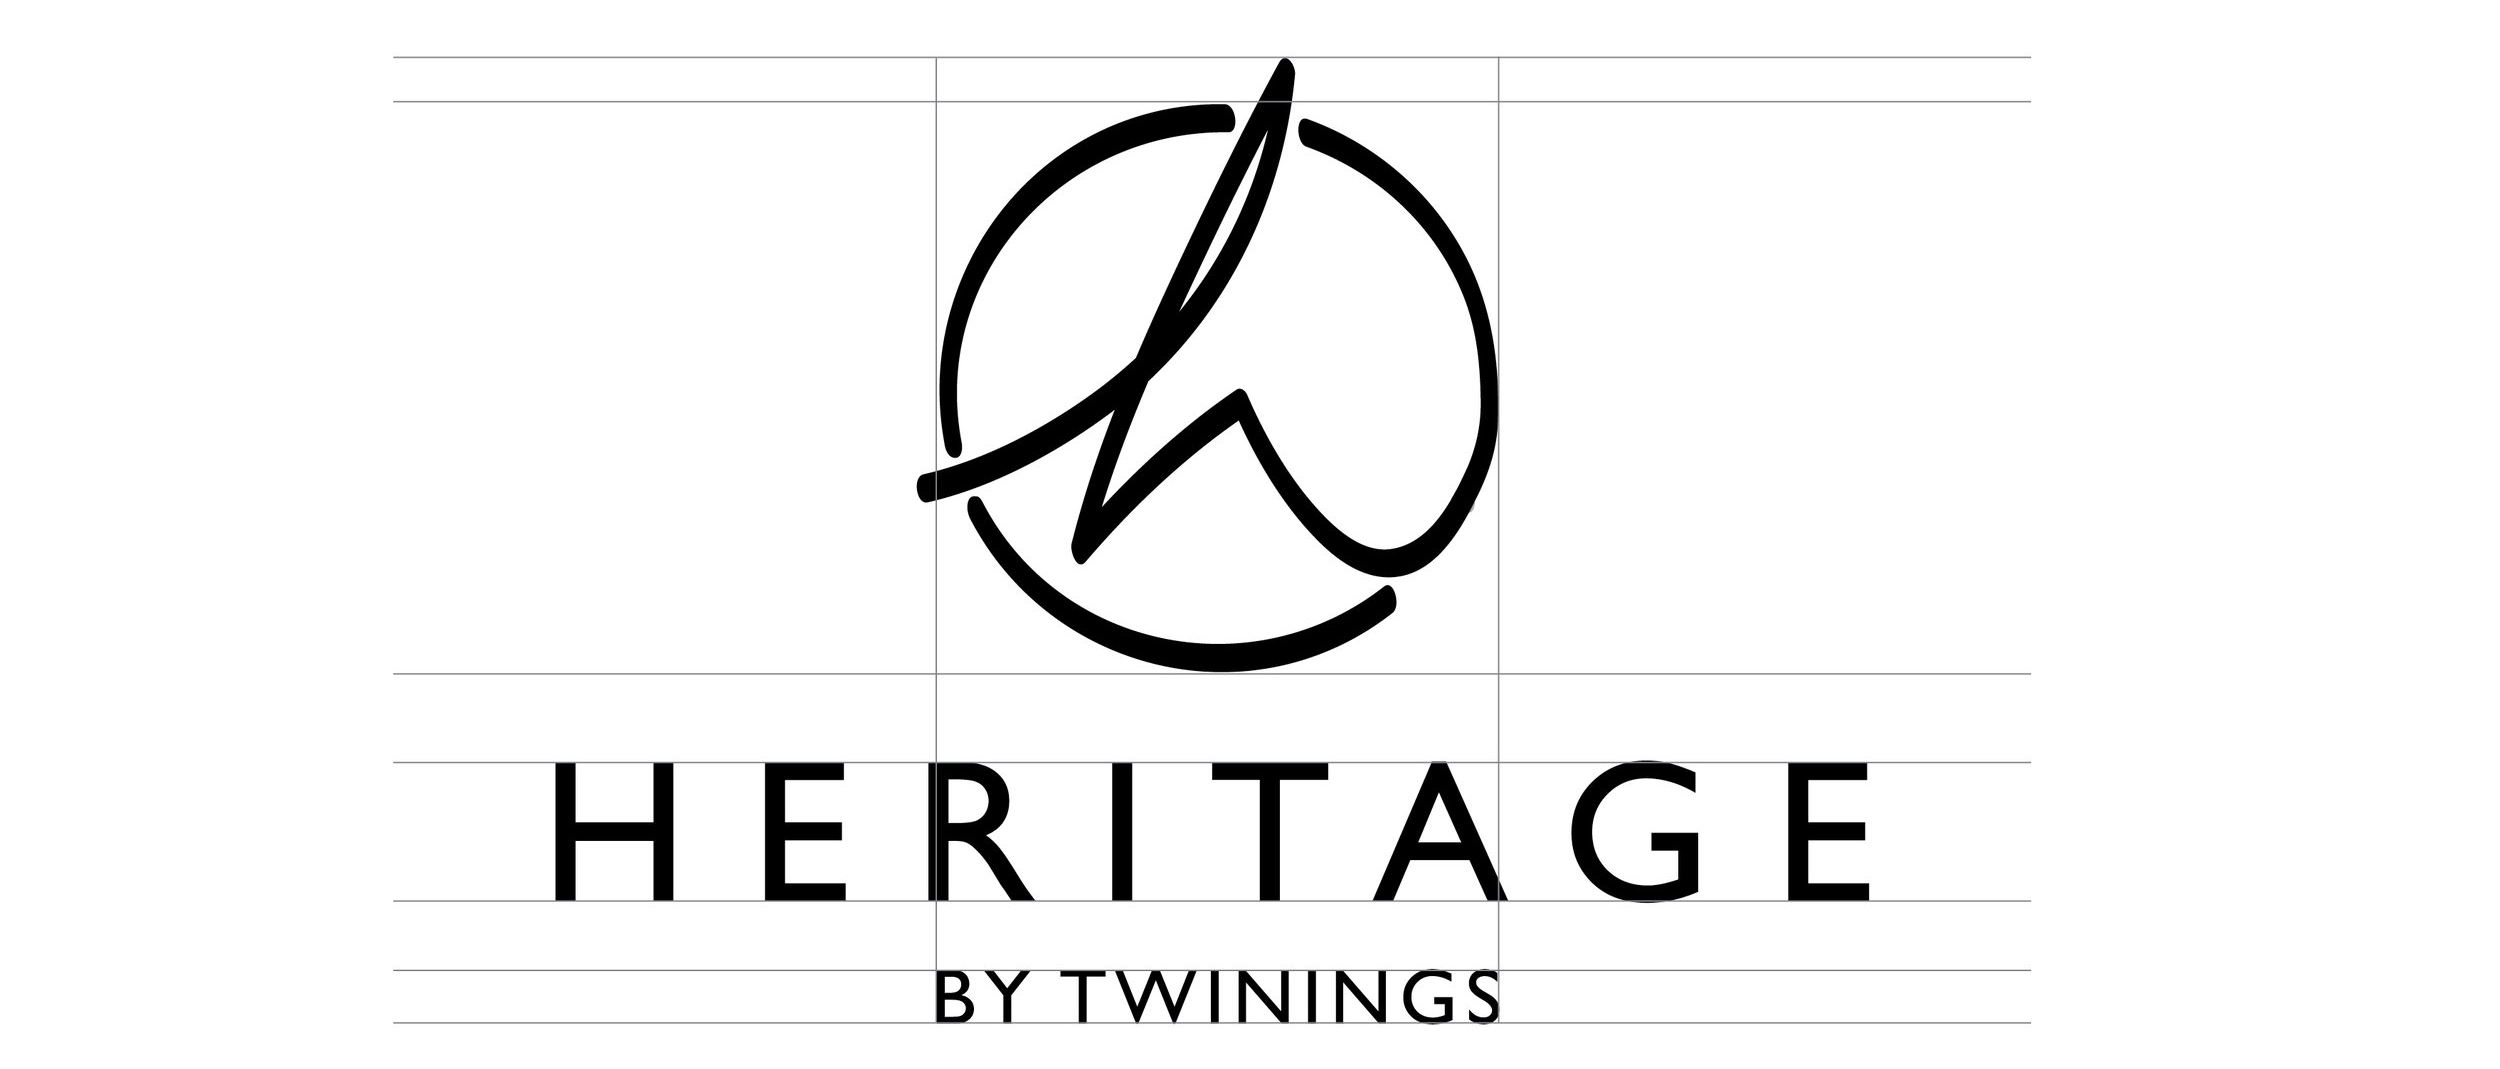 heritage_mark.jpg